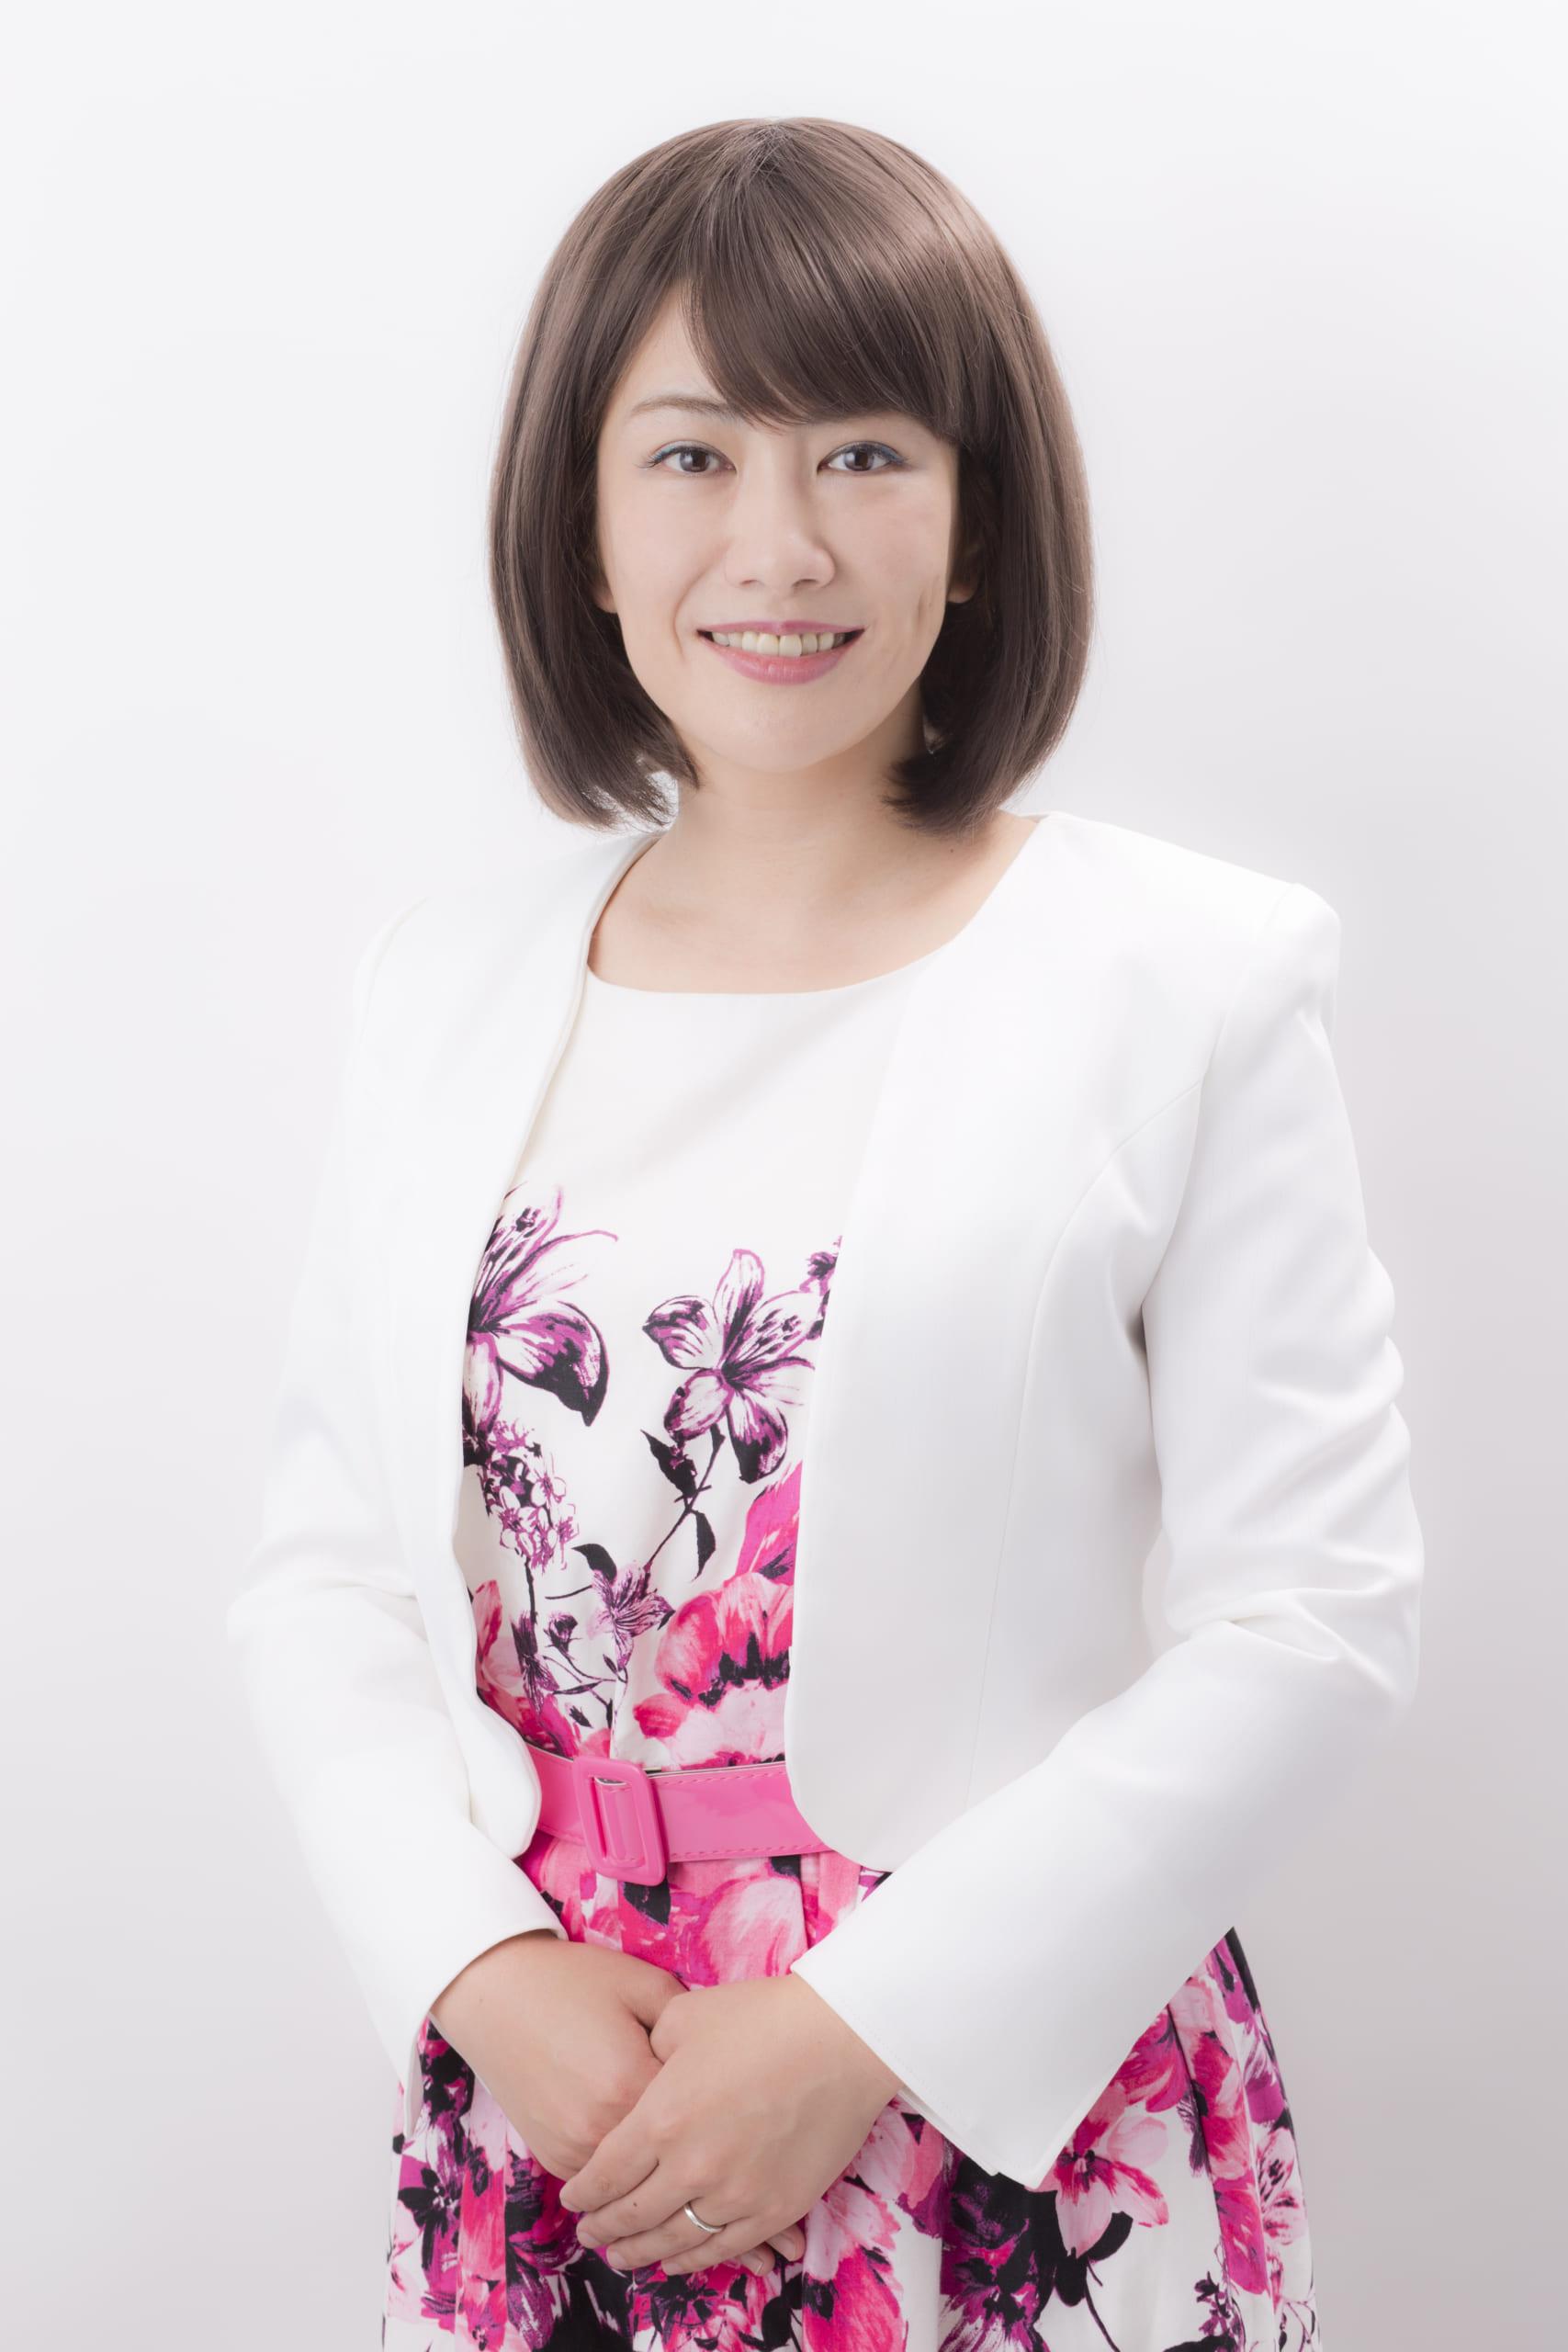 マンガでナットク! 中野信子先生 最新刊<br />『幸せをつかむ脳の使い方』